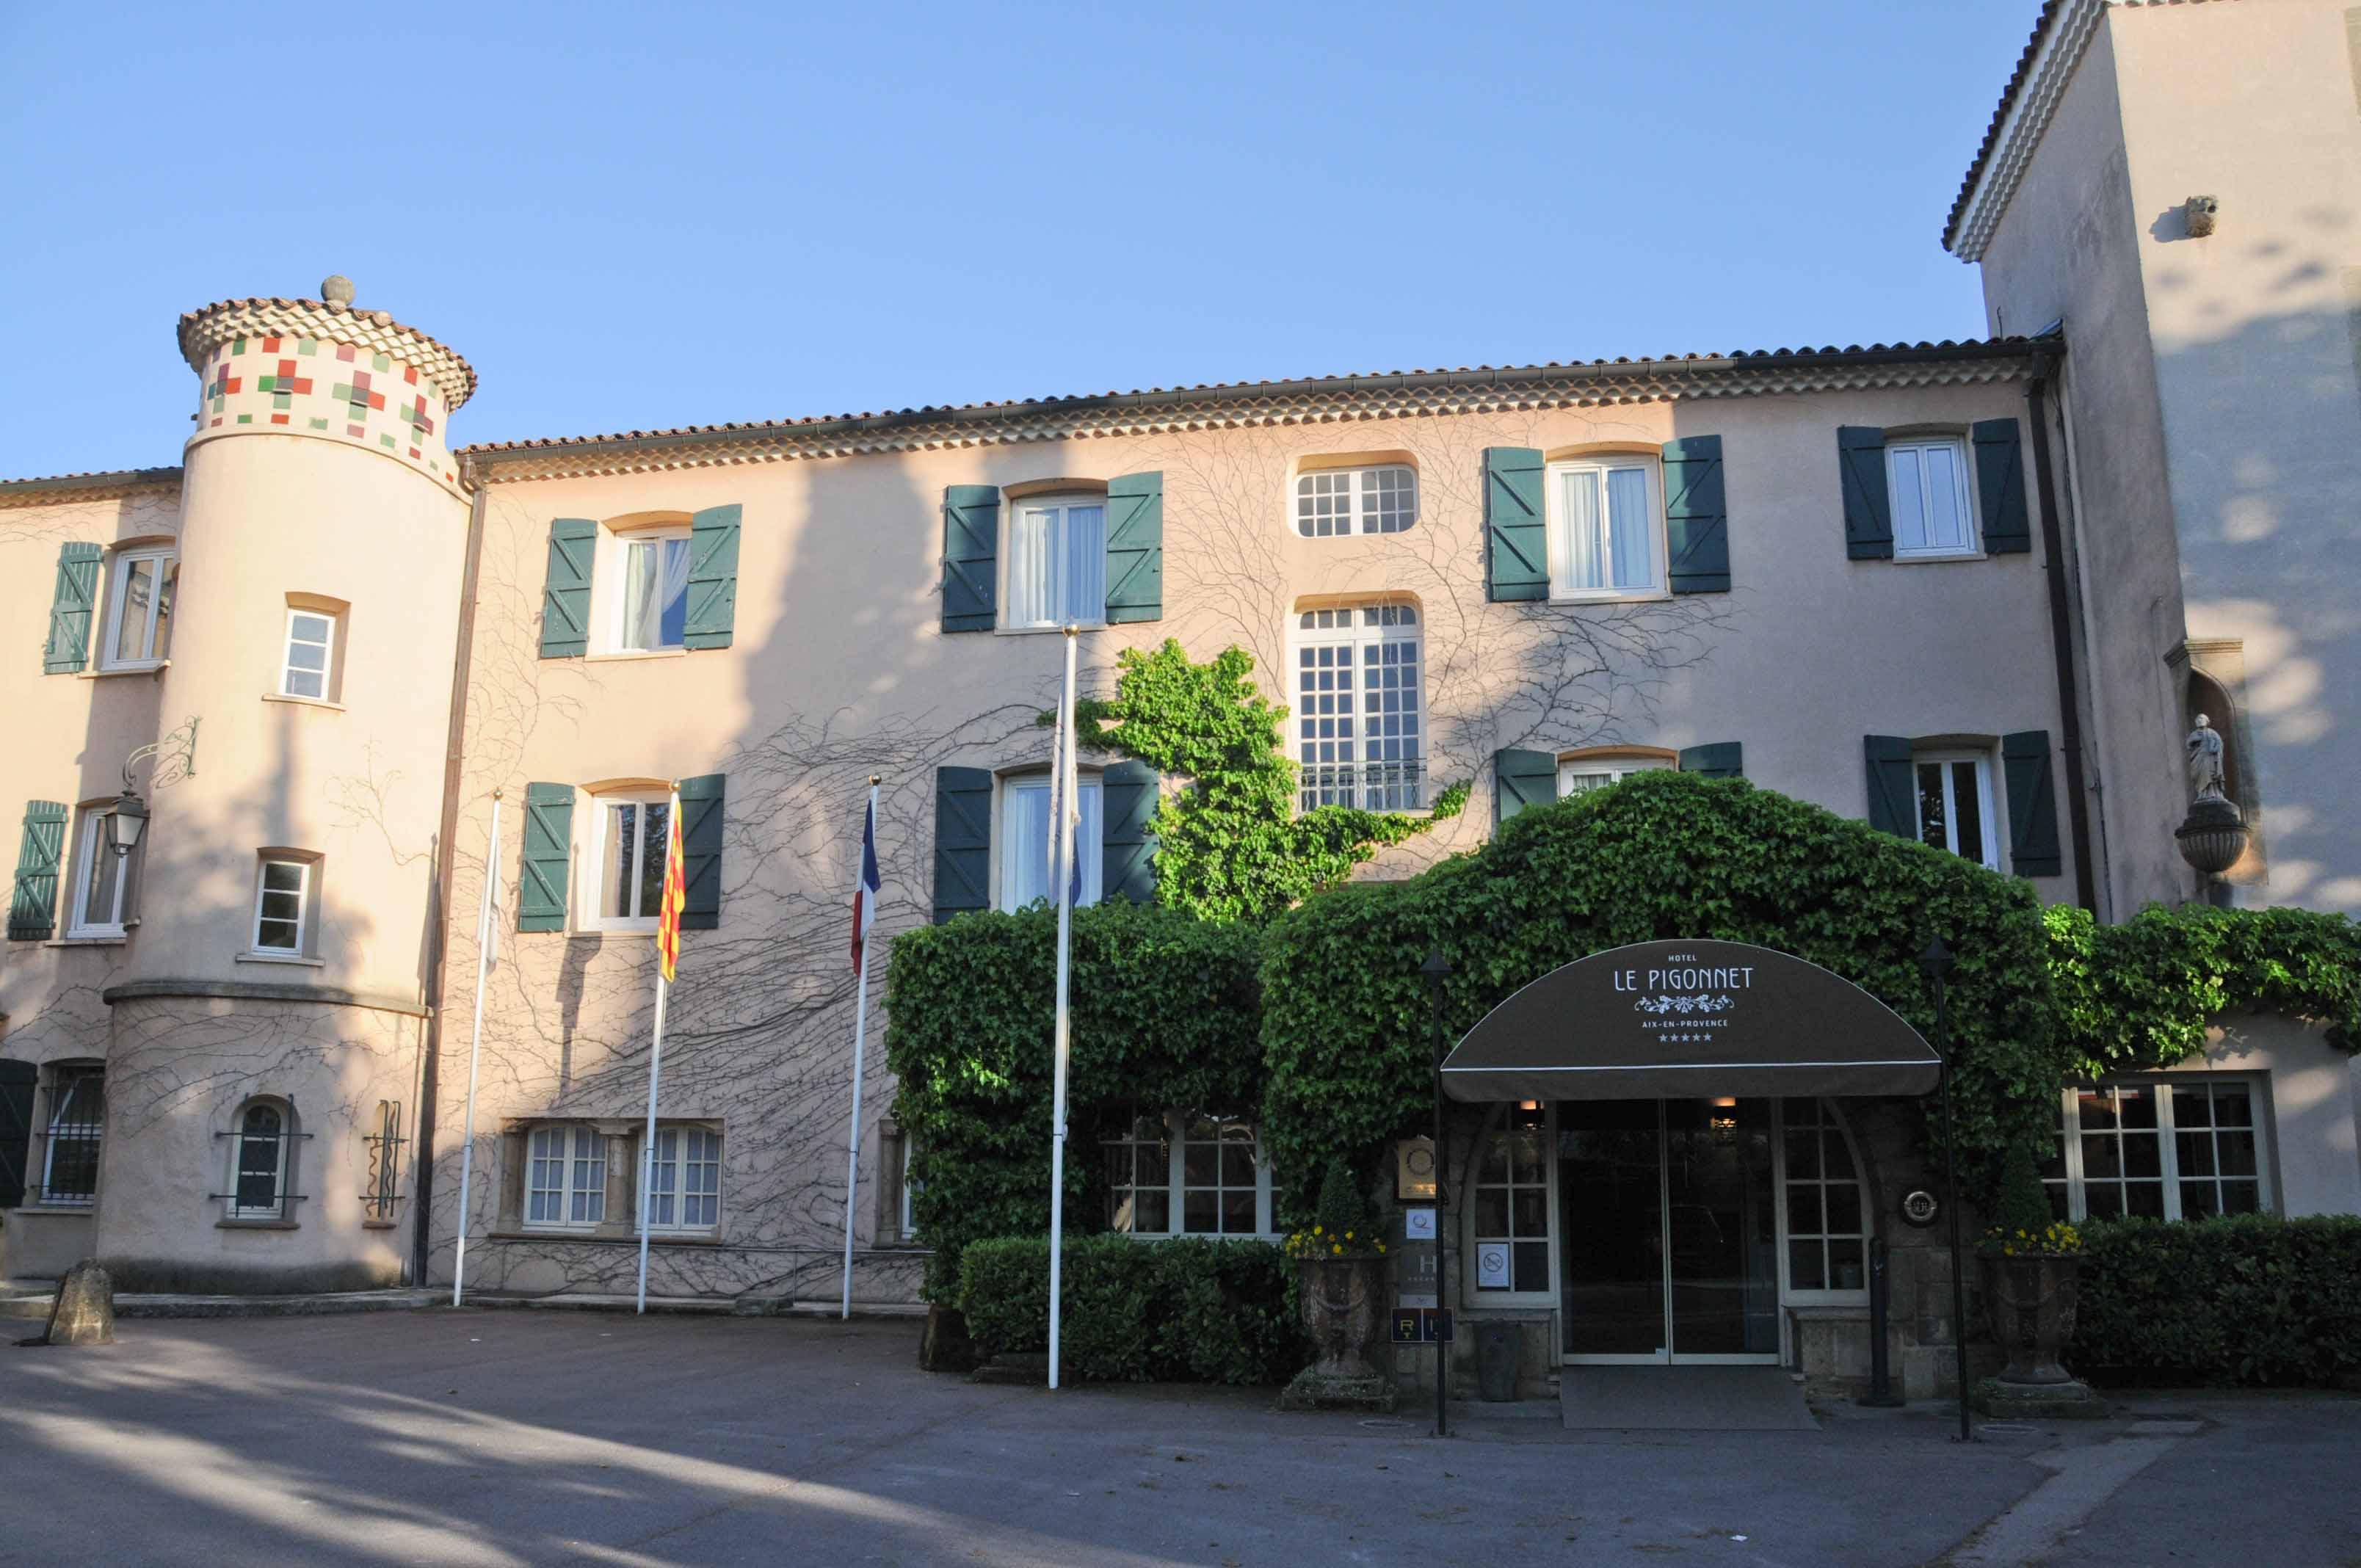 Restaurant Gastronomique Region Aix En Provence